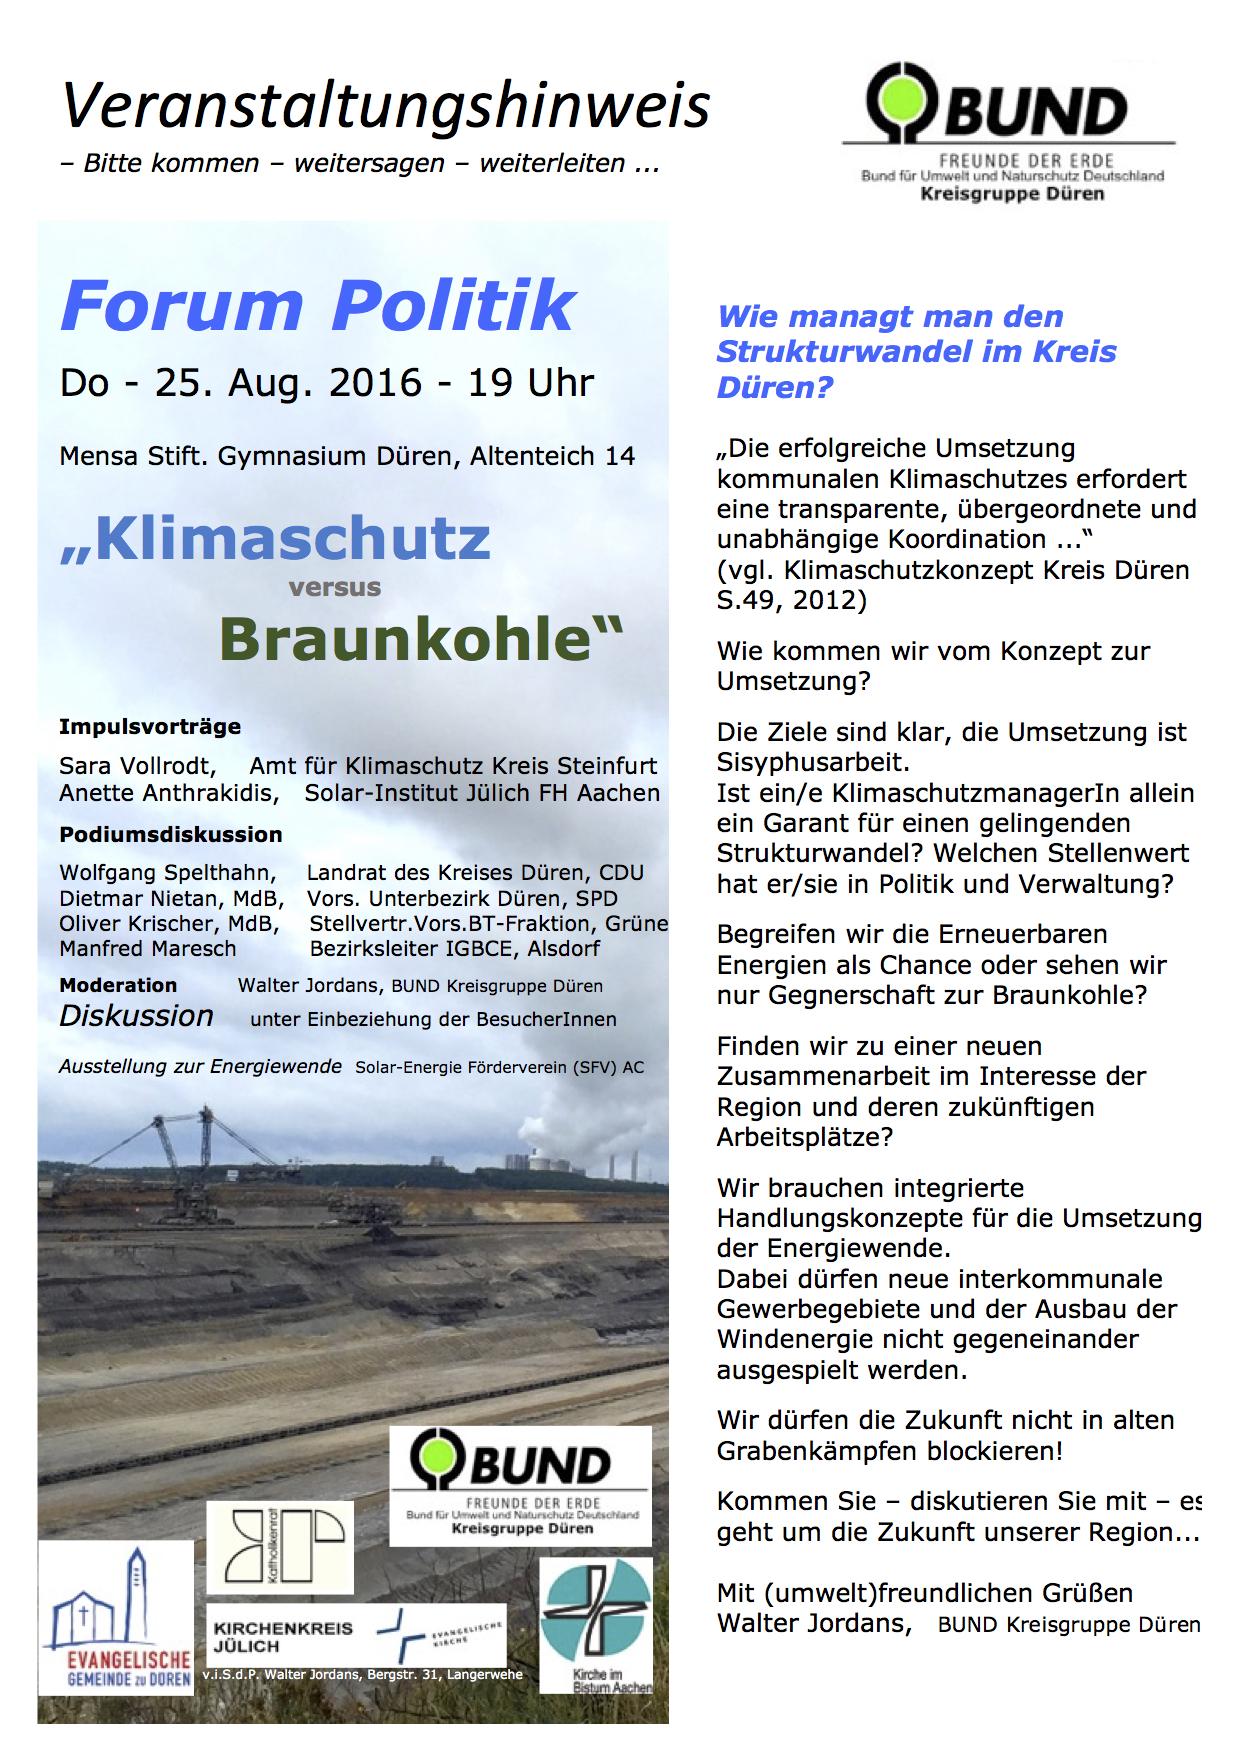 Veranstaltungshinweis FoPk